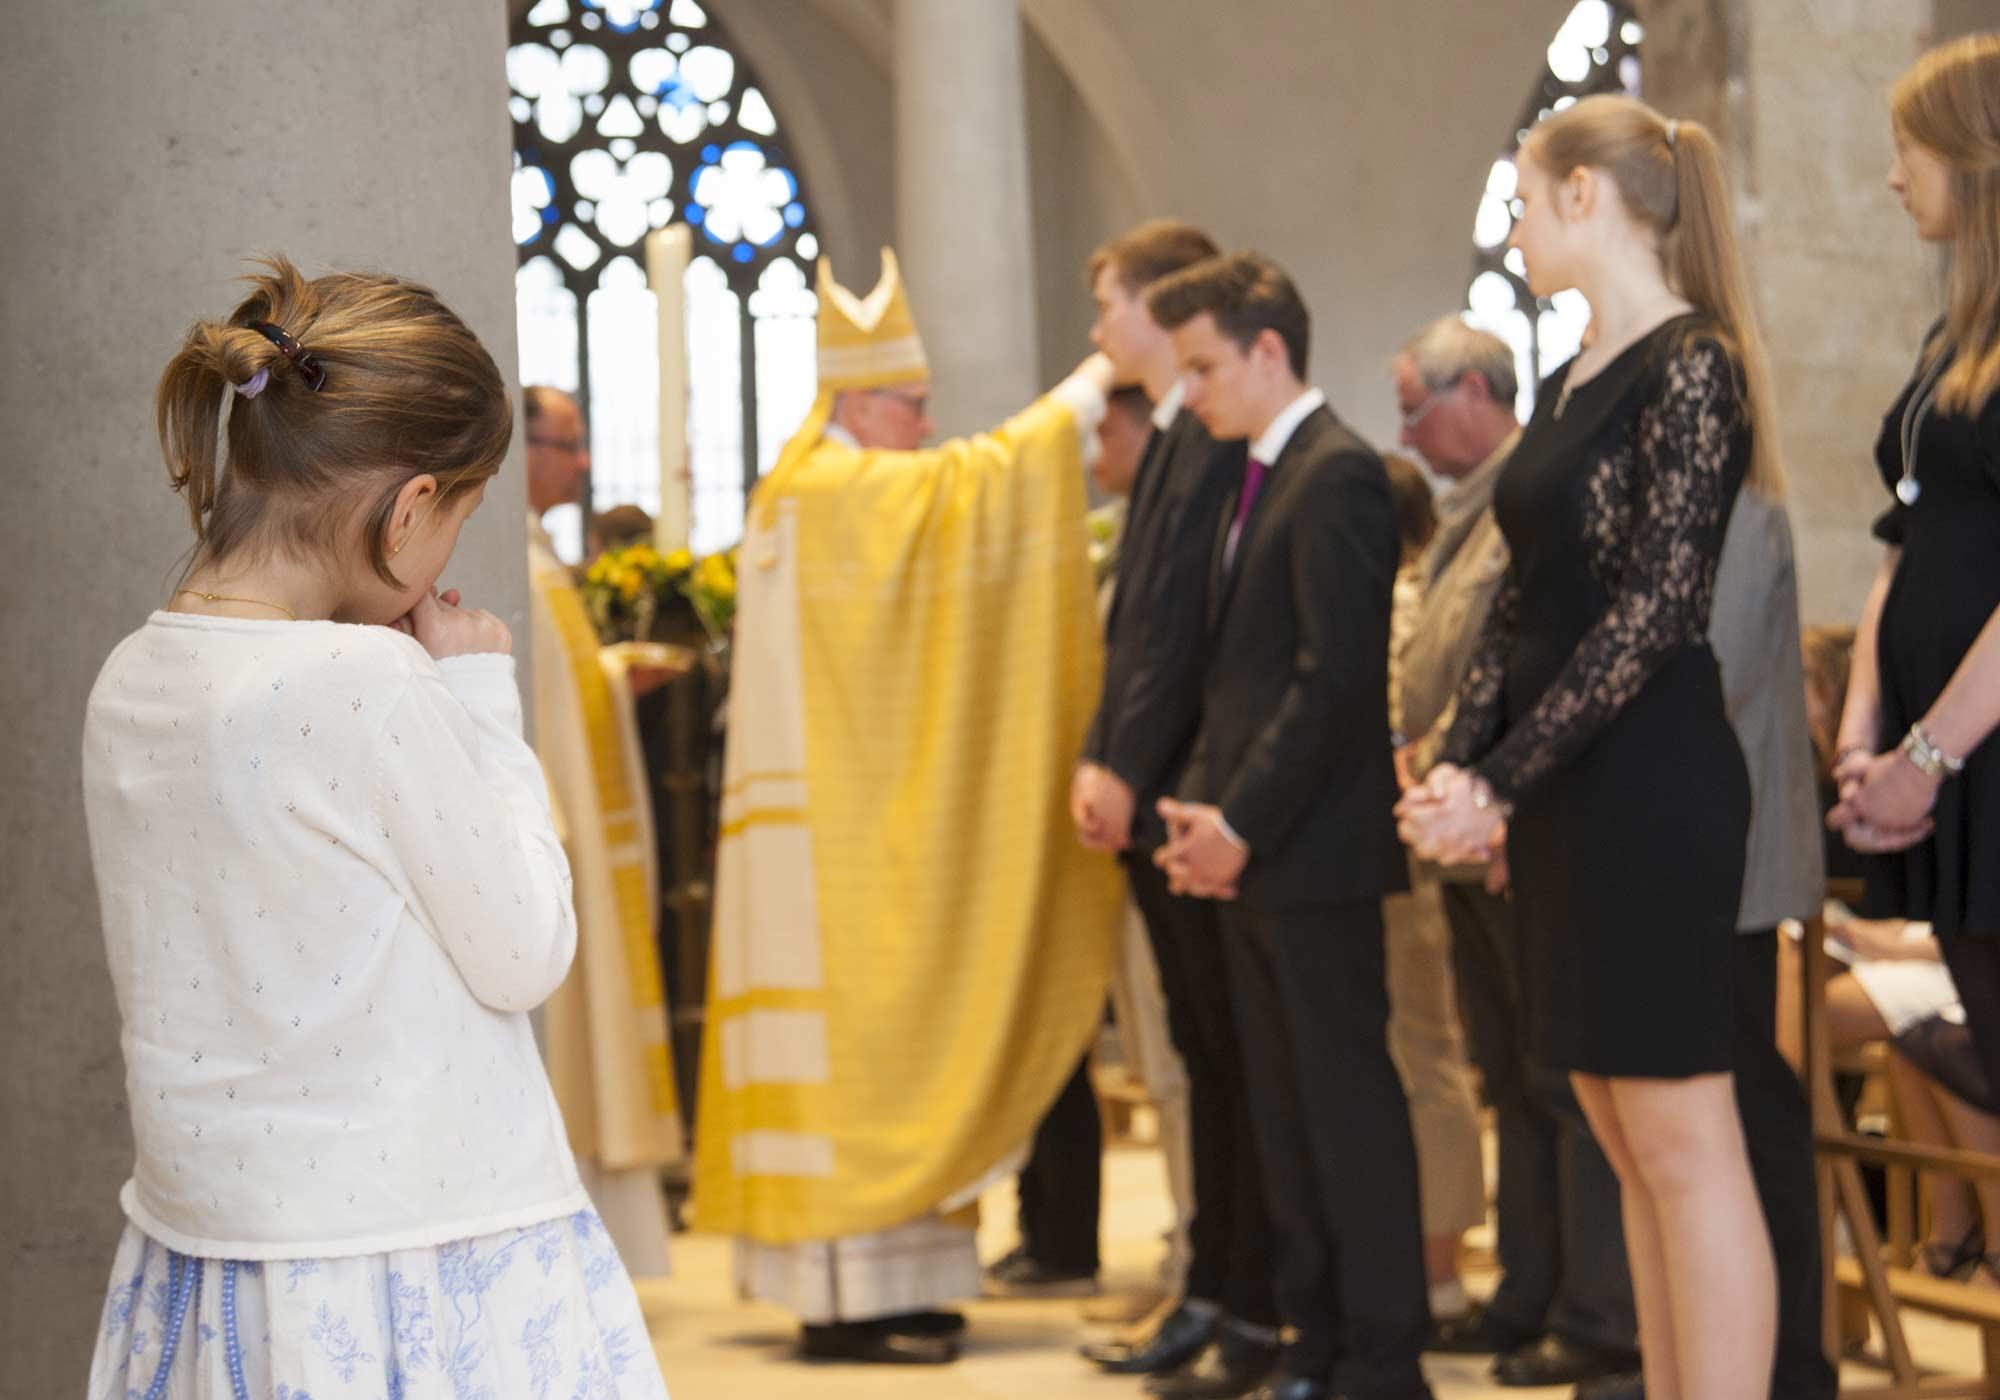 Katholisch Firmung